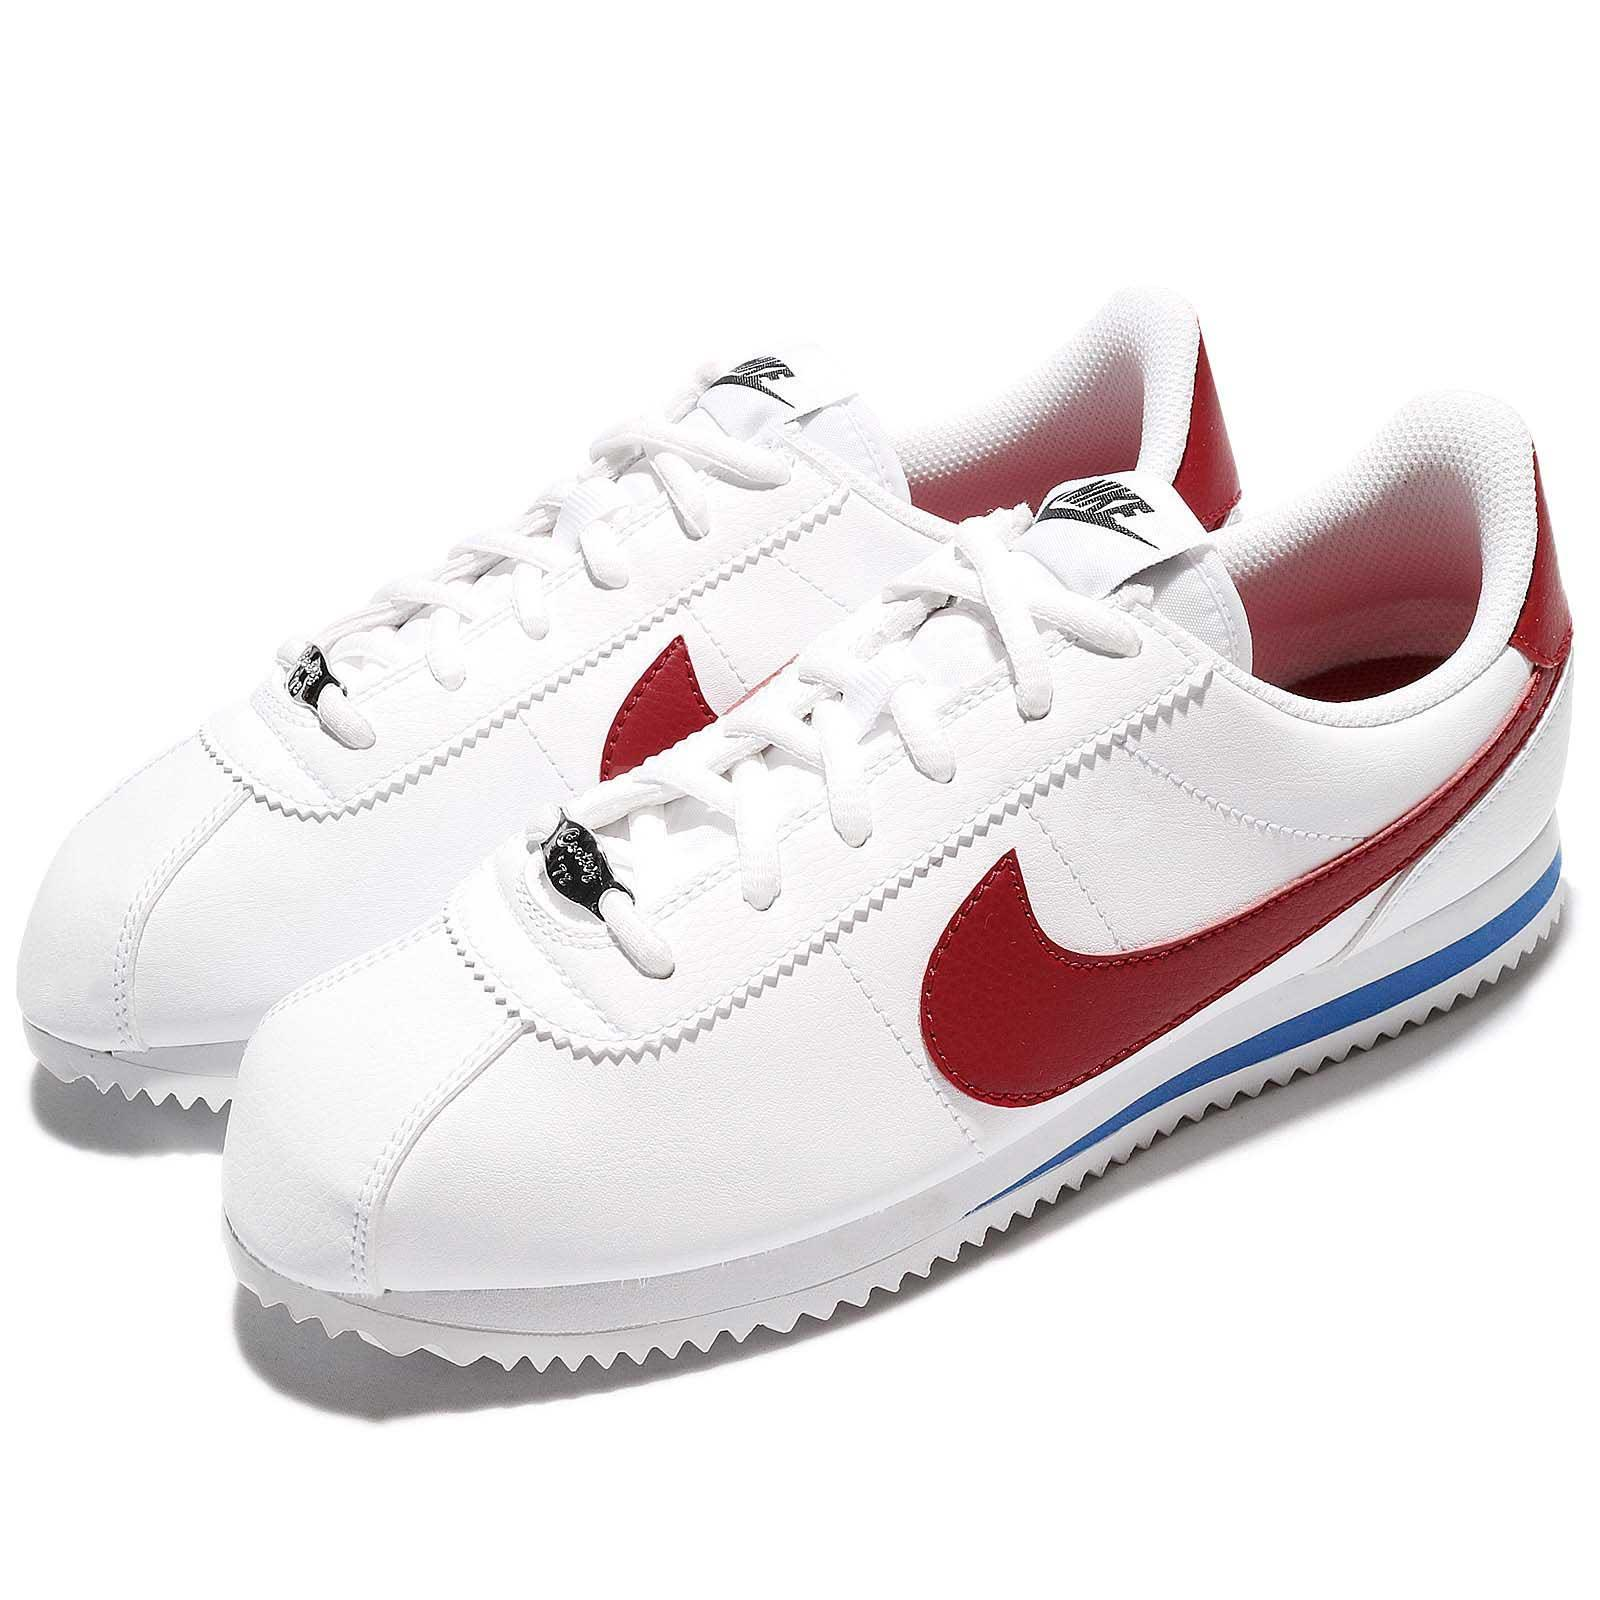 Details about Nike Cortez Basic SL GS Forrest Gump OG Varsity Red Women Kid  Shoes 904764-103